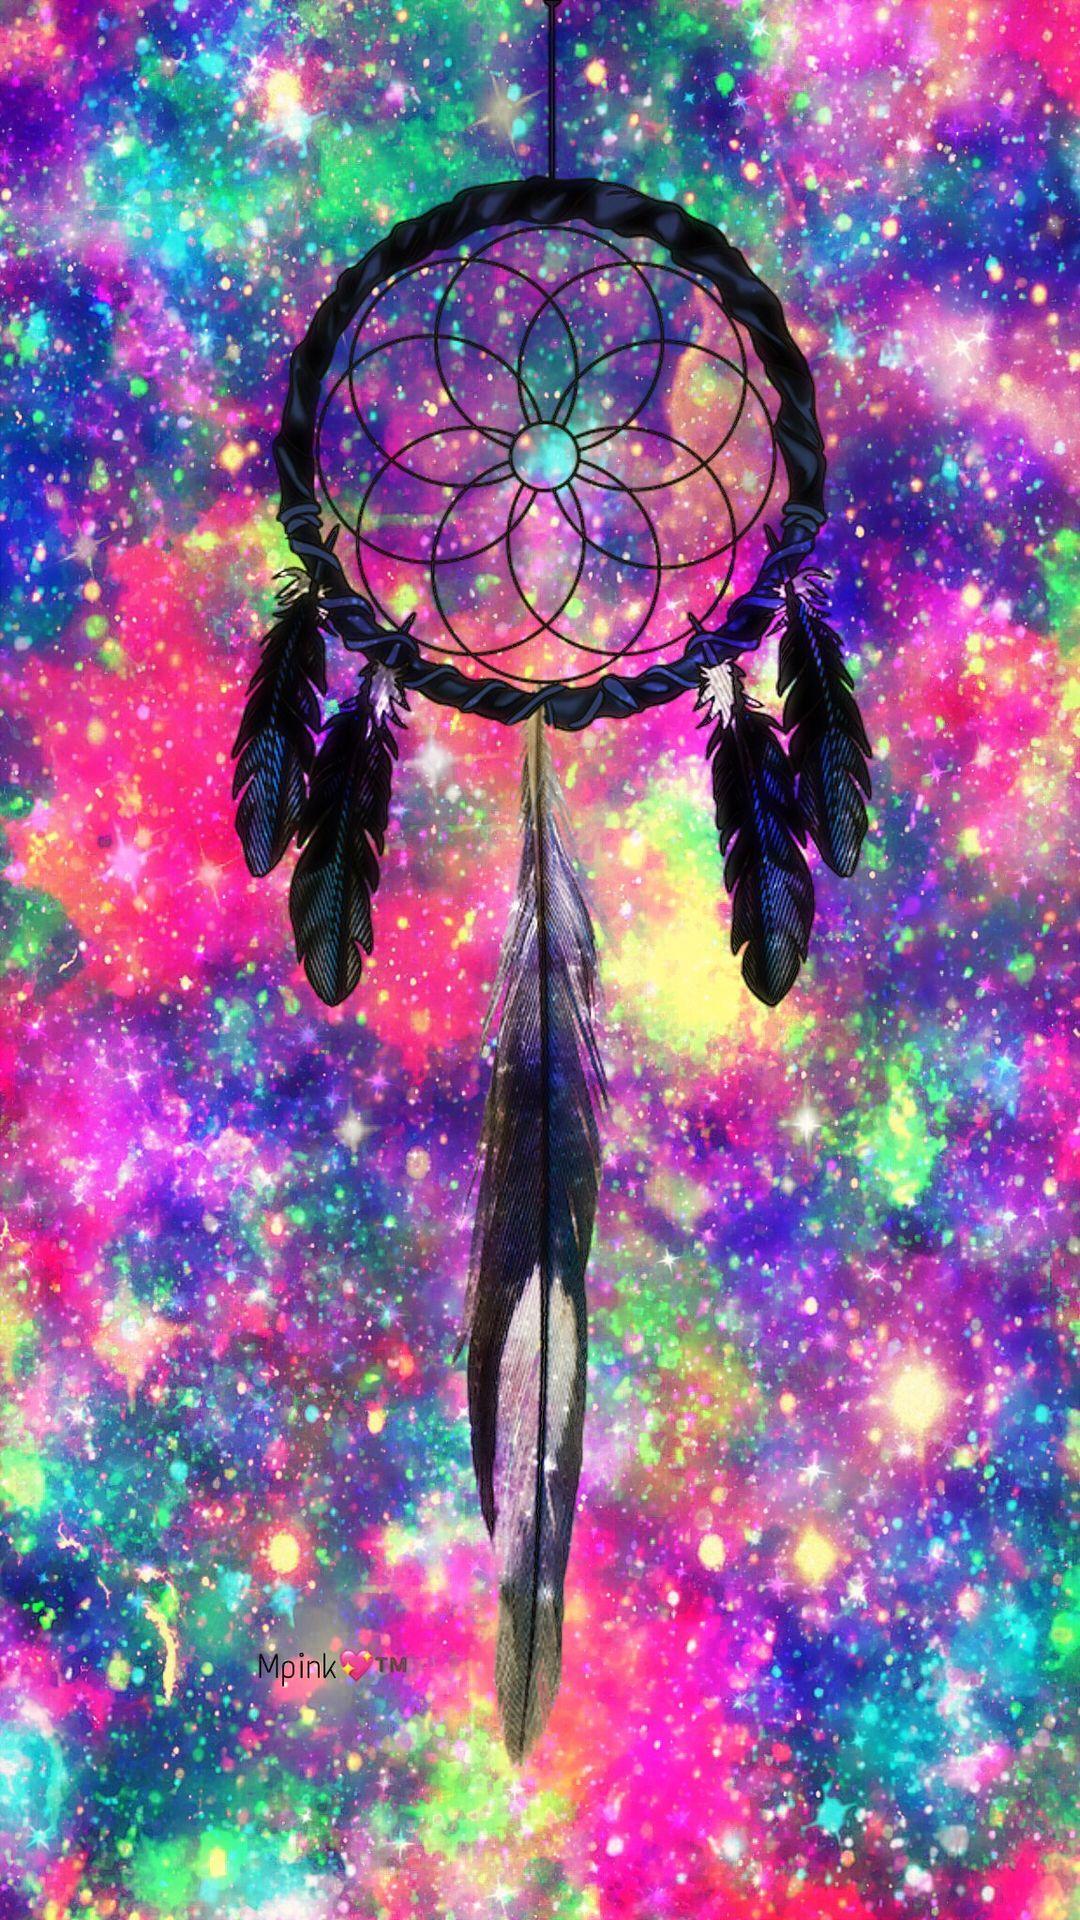 Rainbow Dreamcatcher Galaxy Wallpaper androidwallpaper